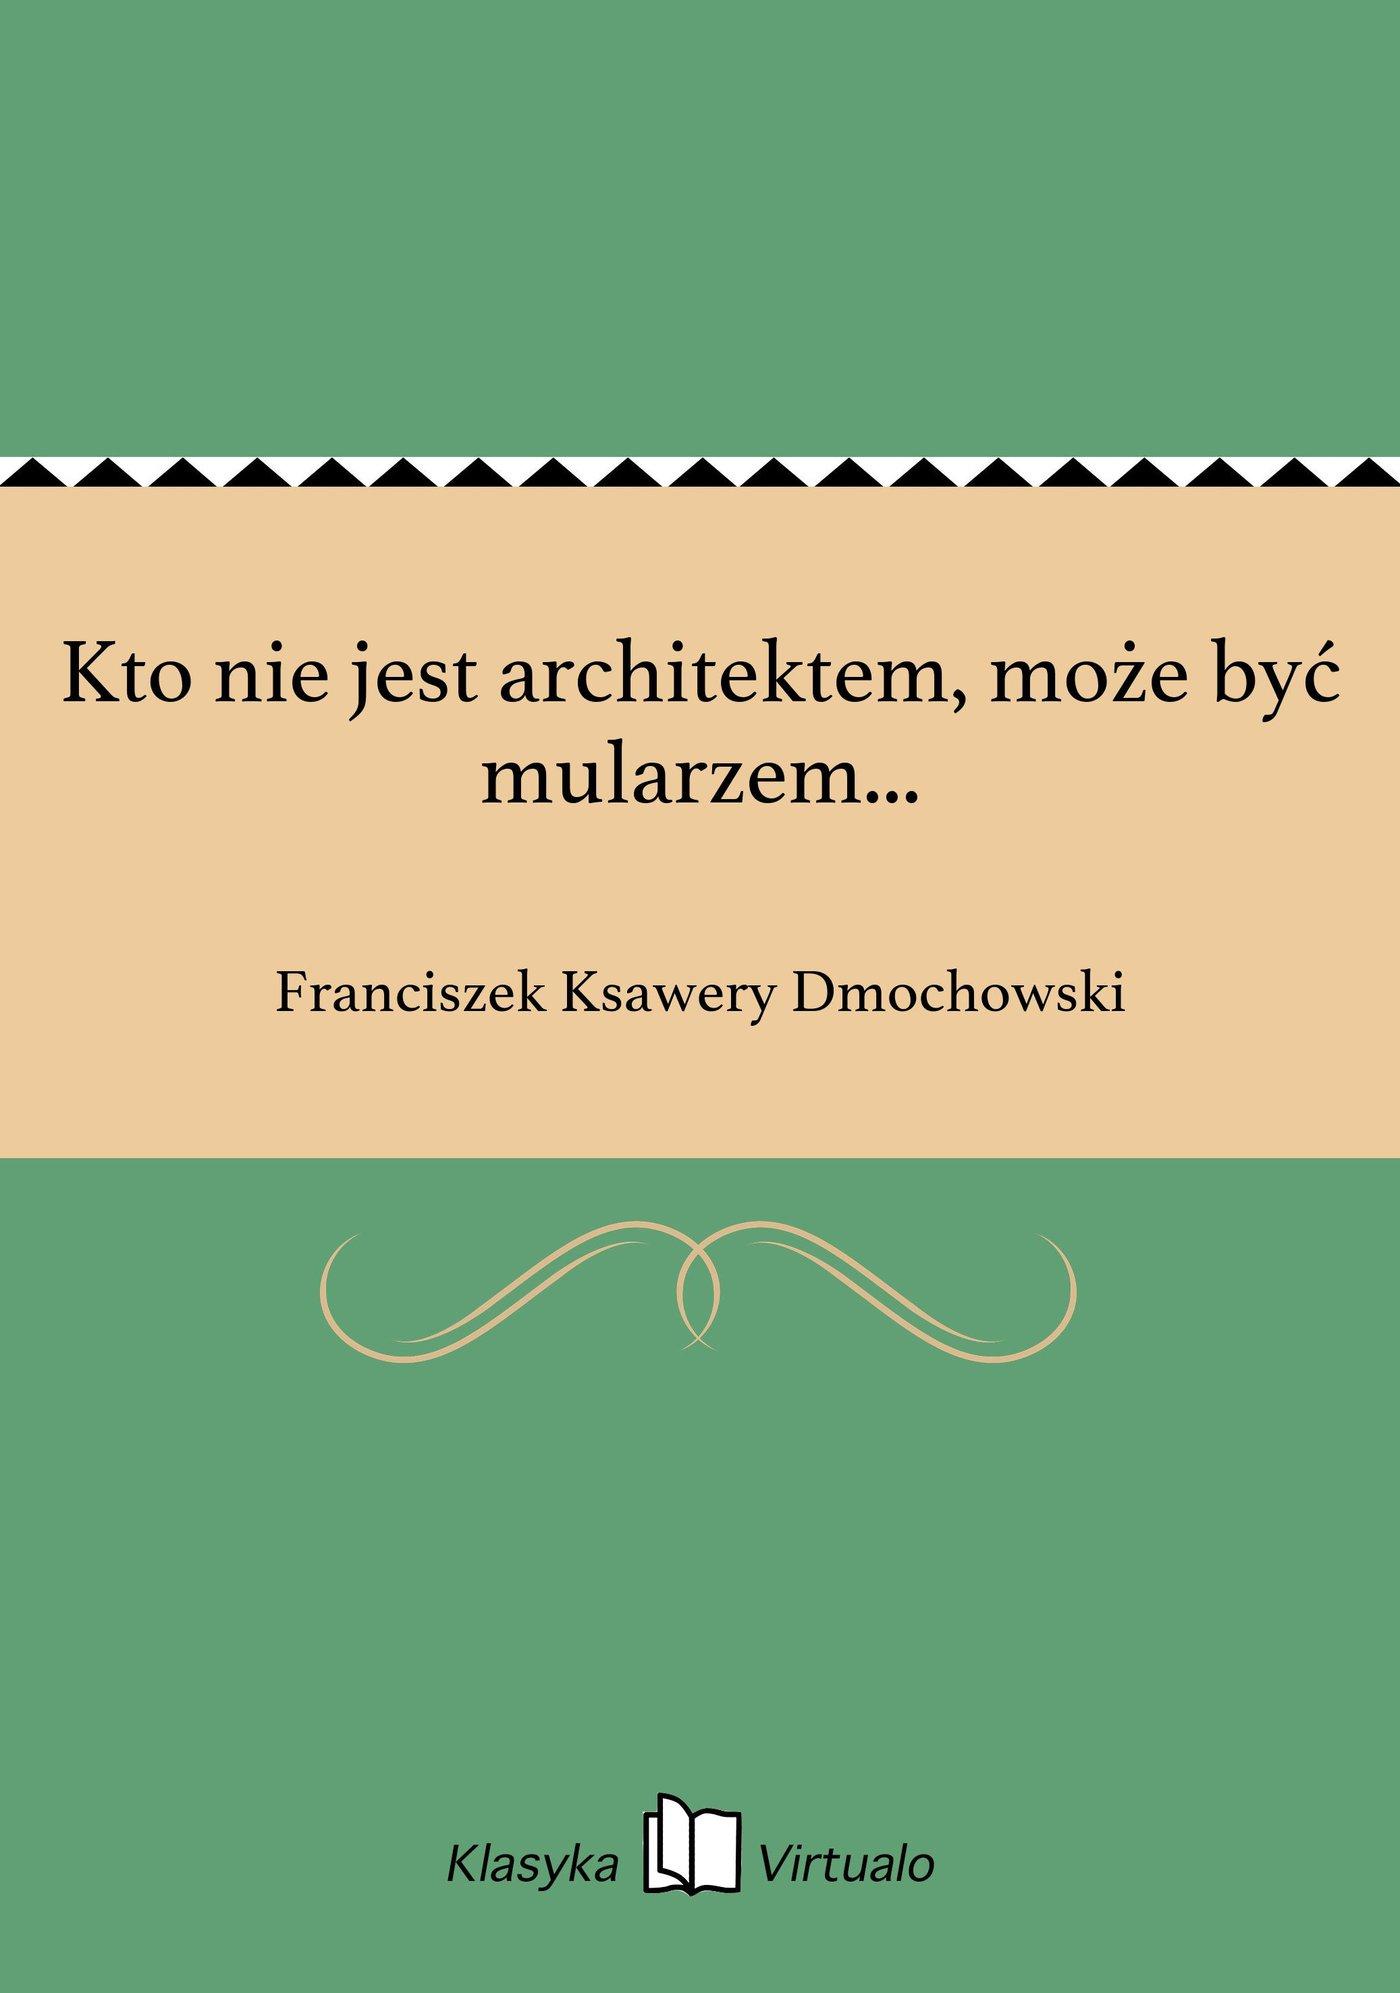 Kto nie jest architektem, może być mularzem... - Ebook (Książka EPUB) do pobrania w formacie EPUB